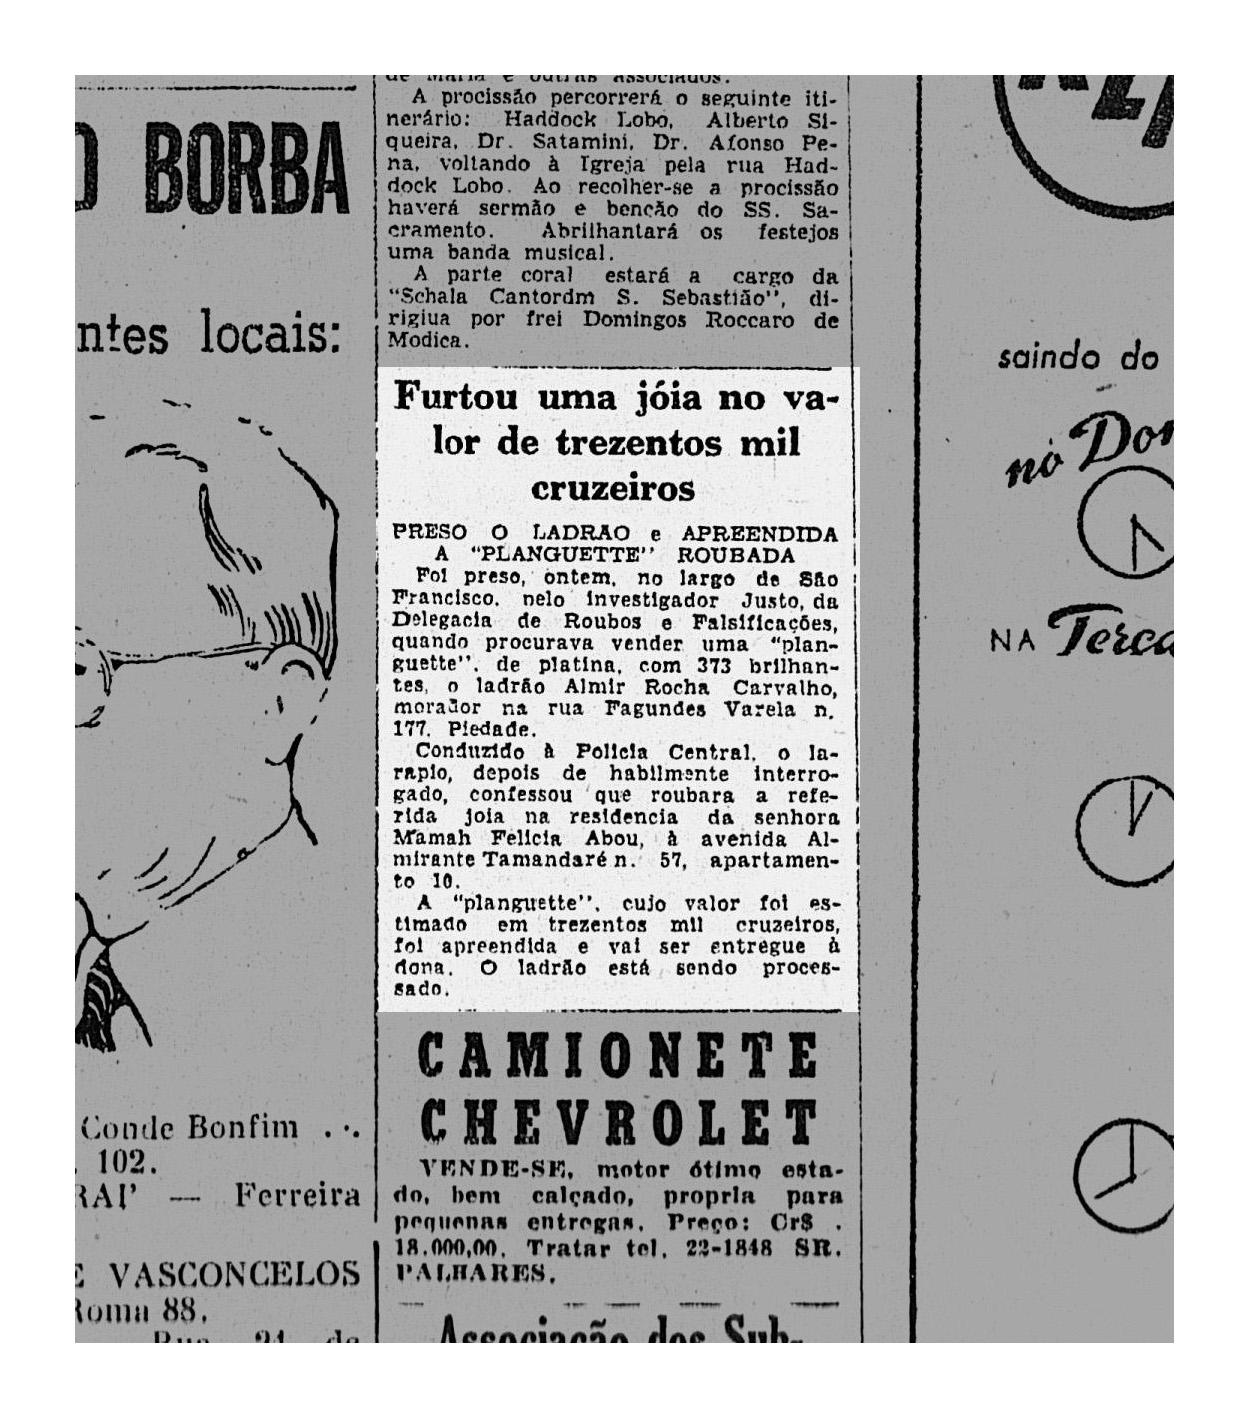 1947-01-18_DiárioDeNotícias_RioDeJaneiro-RJ (2) copy